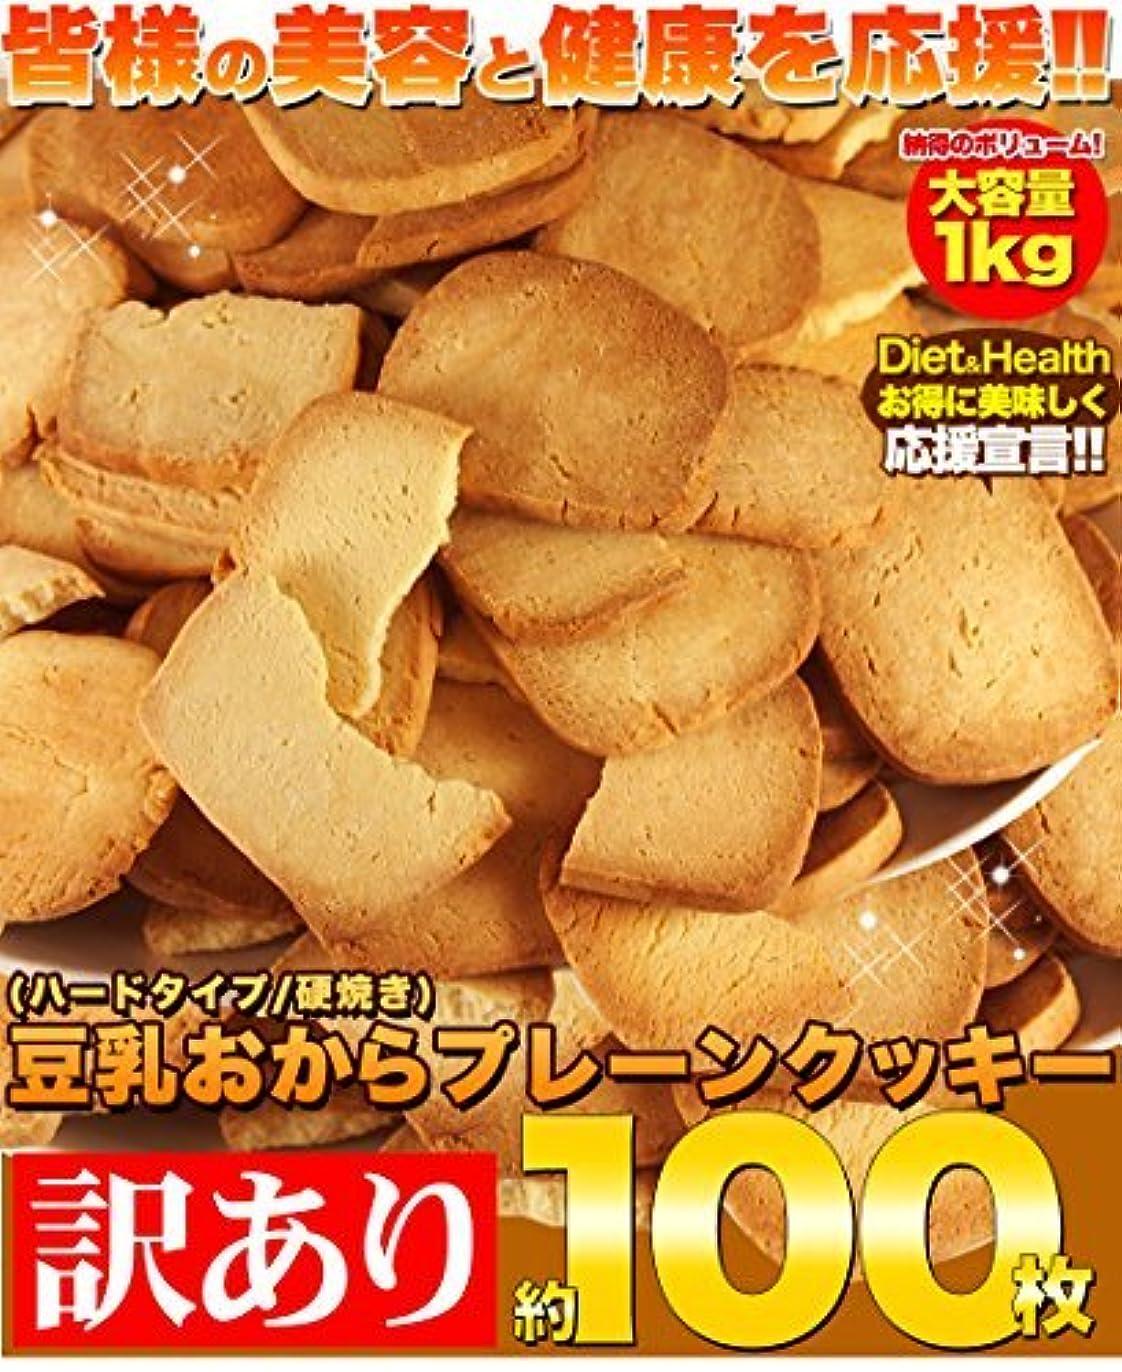 ベッドを作るロードハウス夢アレンジ次第でダイエットが楽しくなる!プレーンタイプの豆乳おからクッキーが約100枚入って1kg入り!  業界最安値に挑戦!【訳あり】固焼き☆豆乳おからクッキープレーン約100枚1kg?常温?